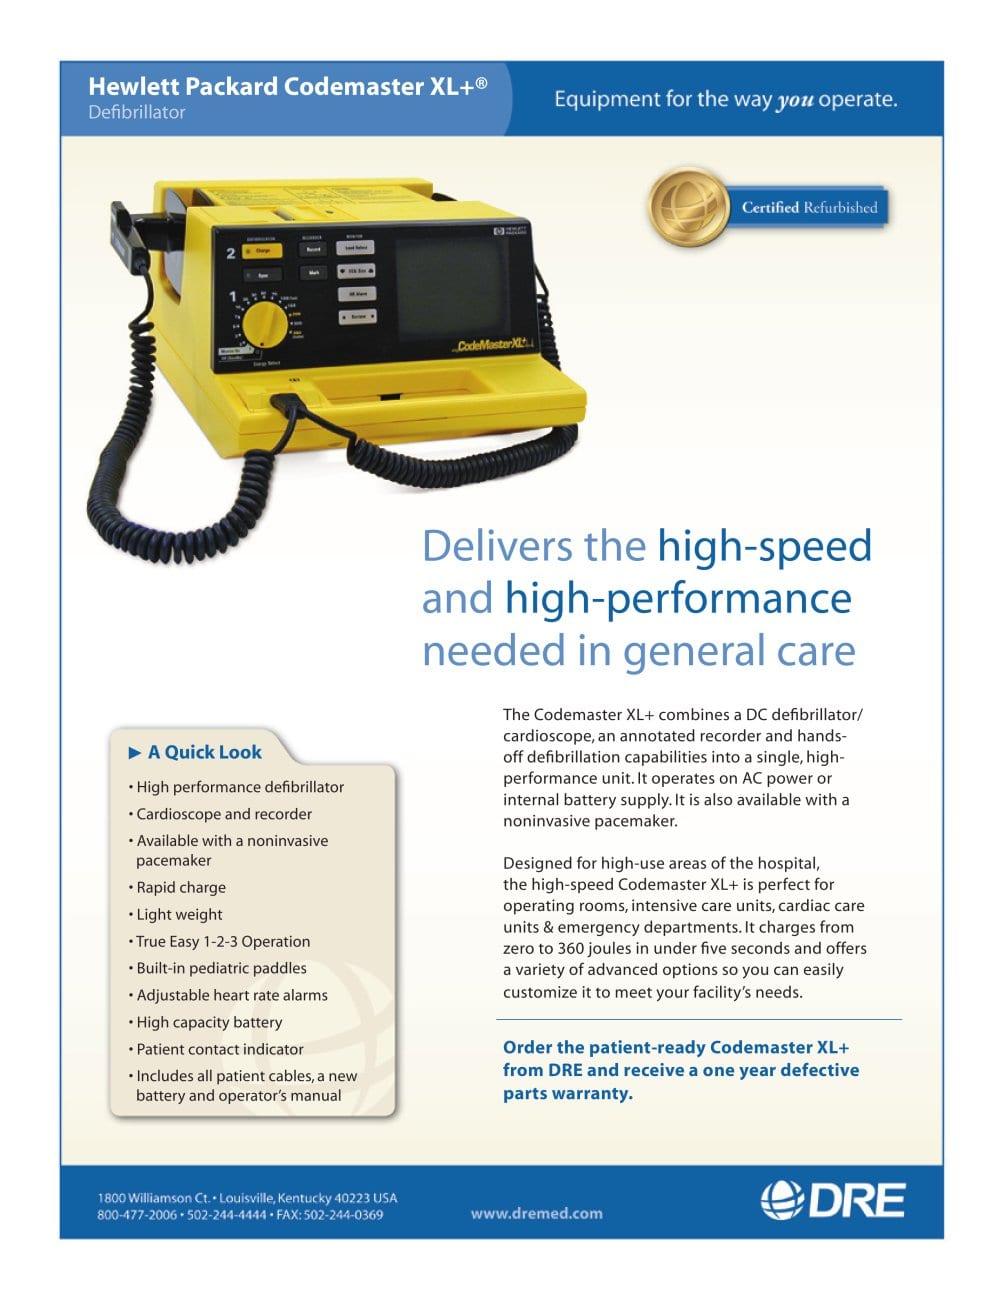 Refurbished - Hewlett Packard Codemaster XL Defibrillator - 1 / 1 Pages